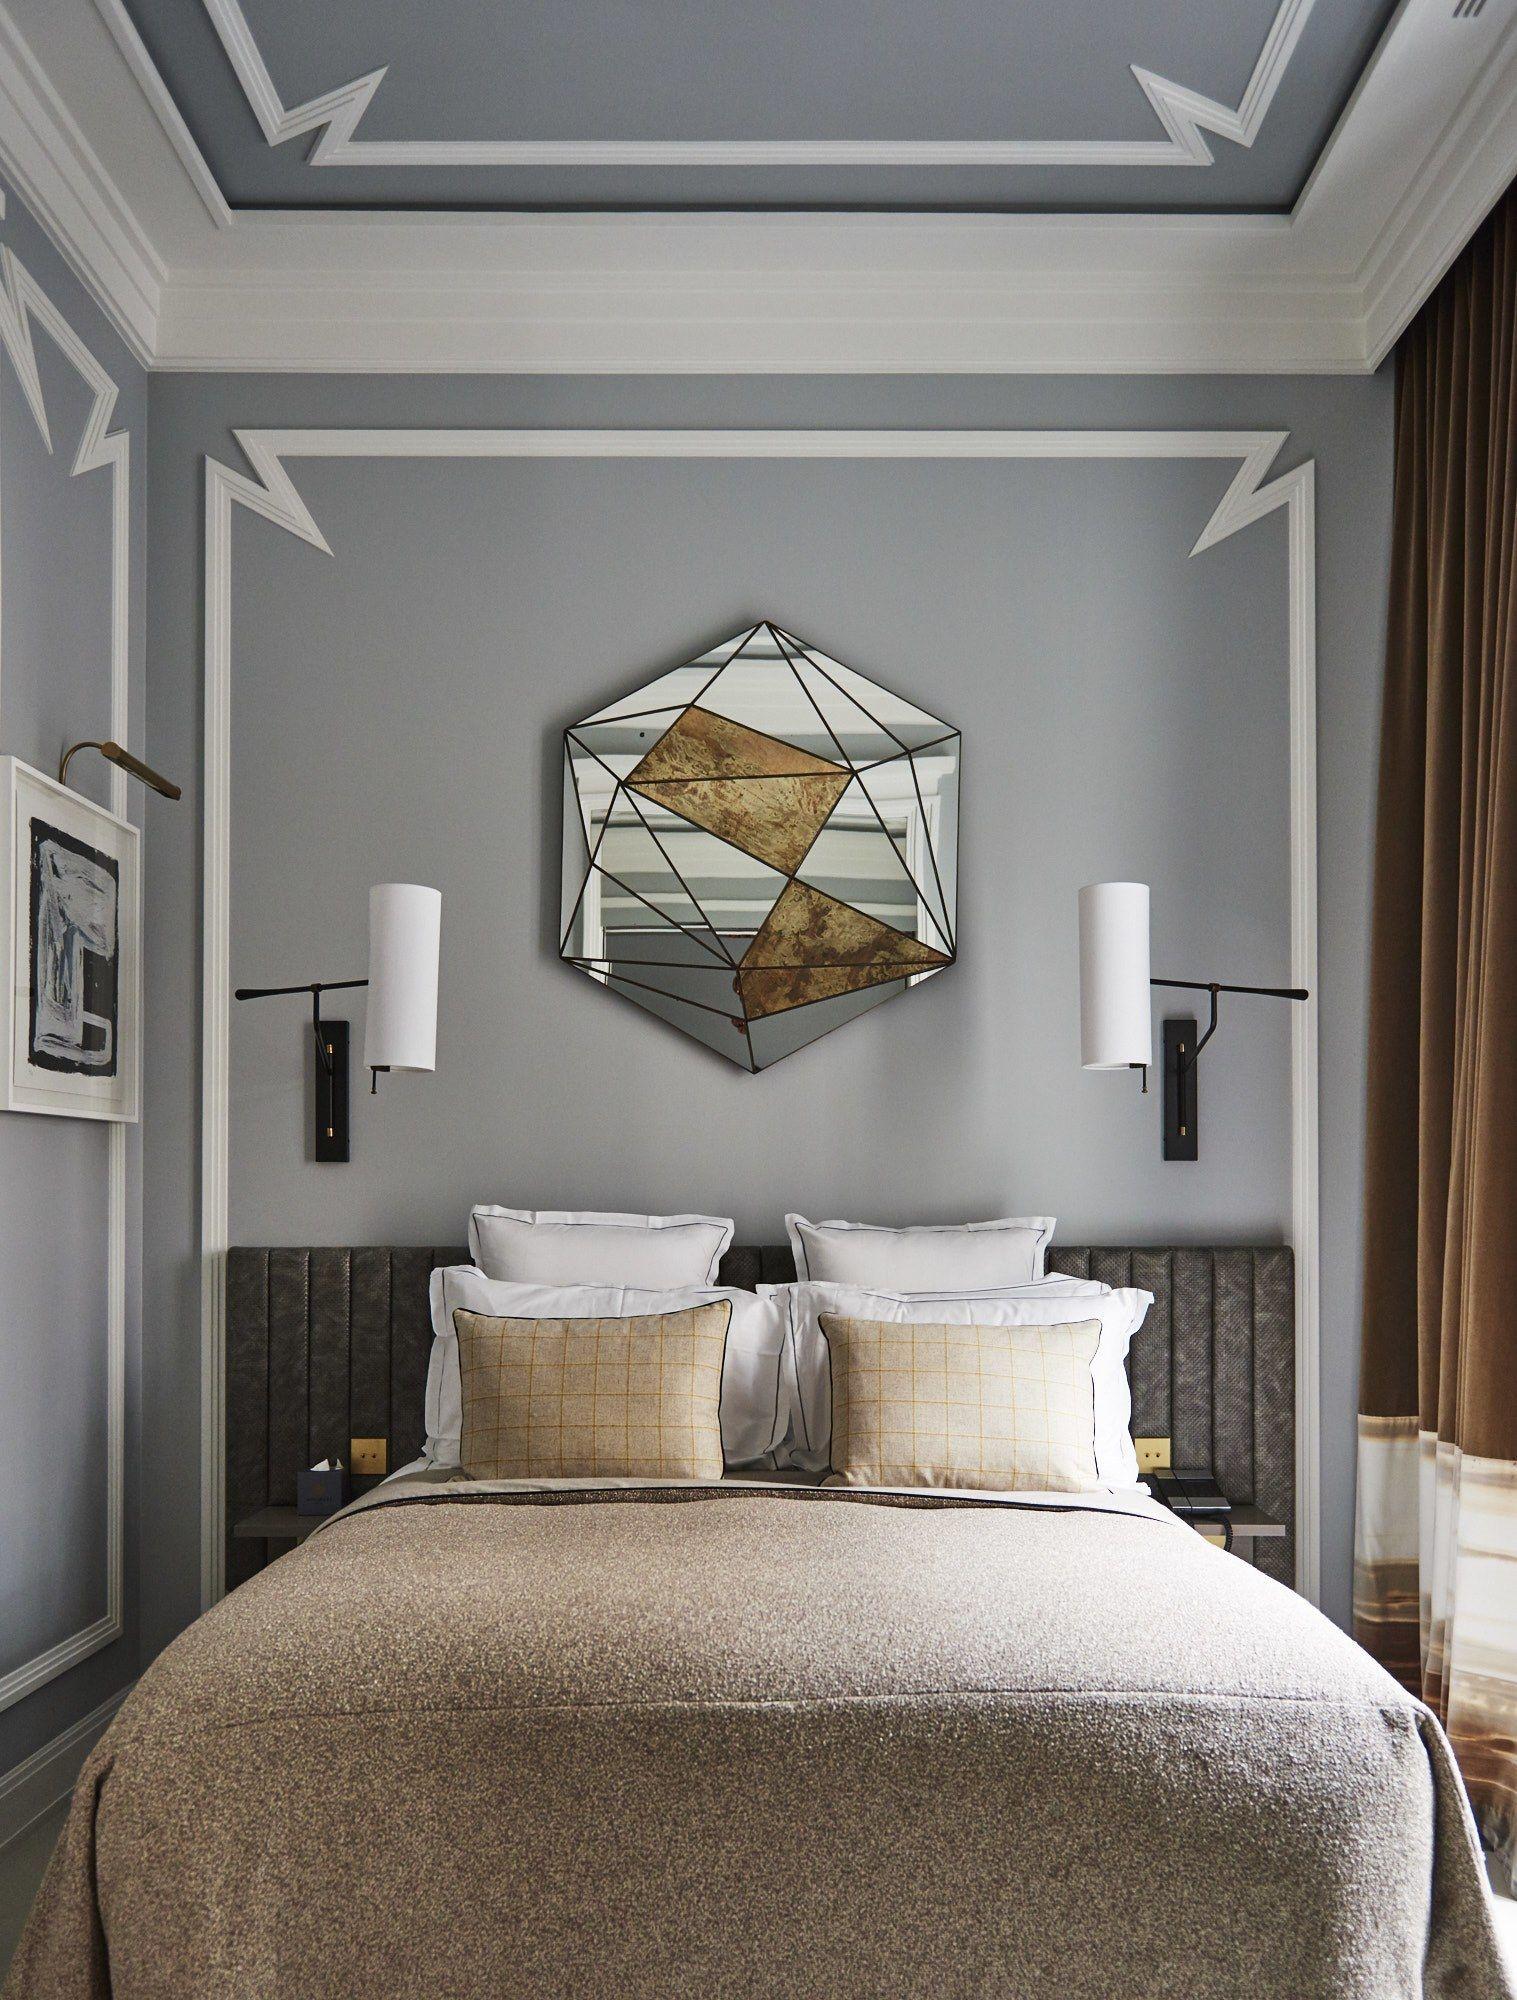 Hotel Guest Room Design: Nolinski Paris, Paris, France - Hotel Review